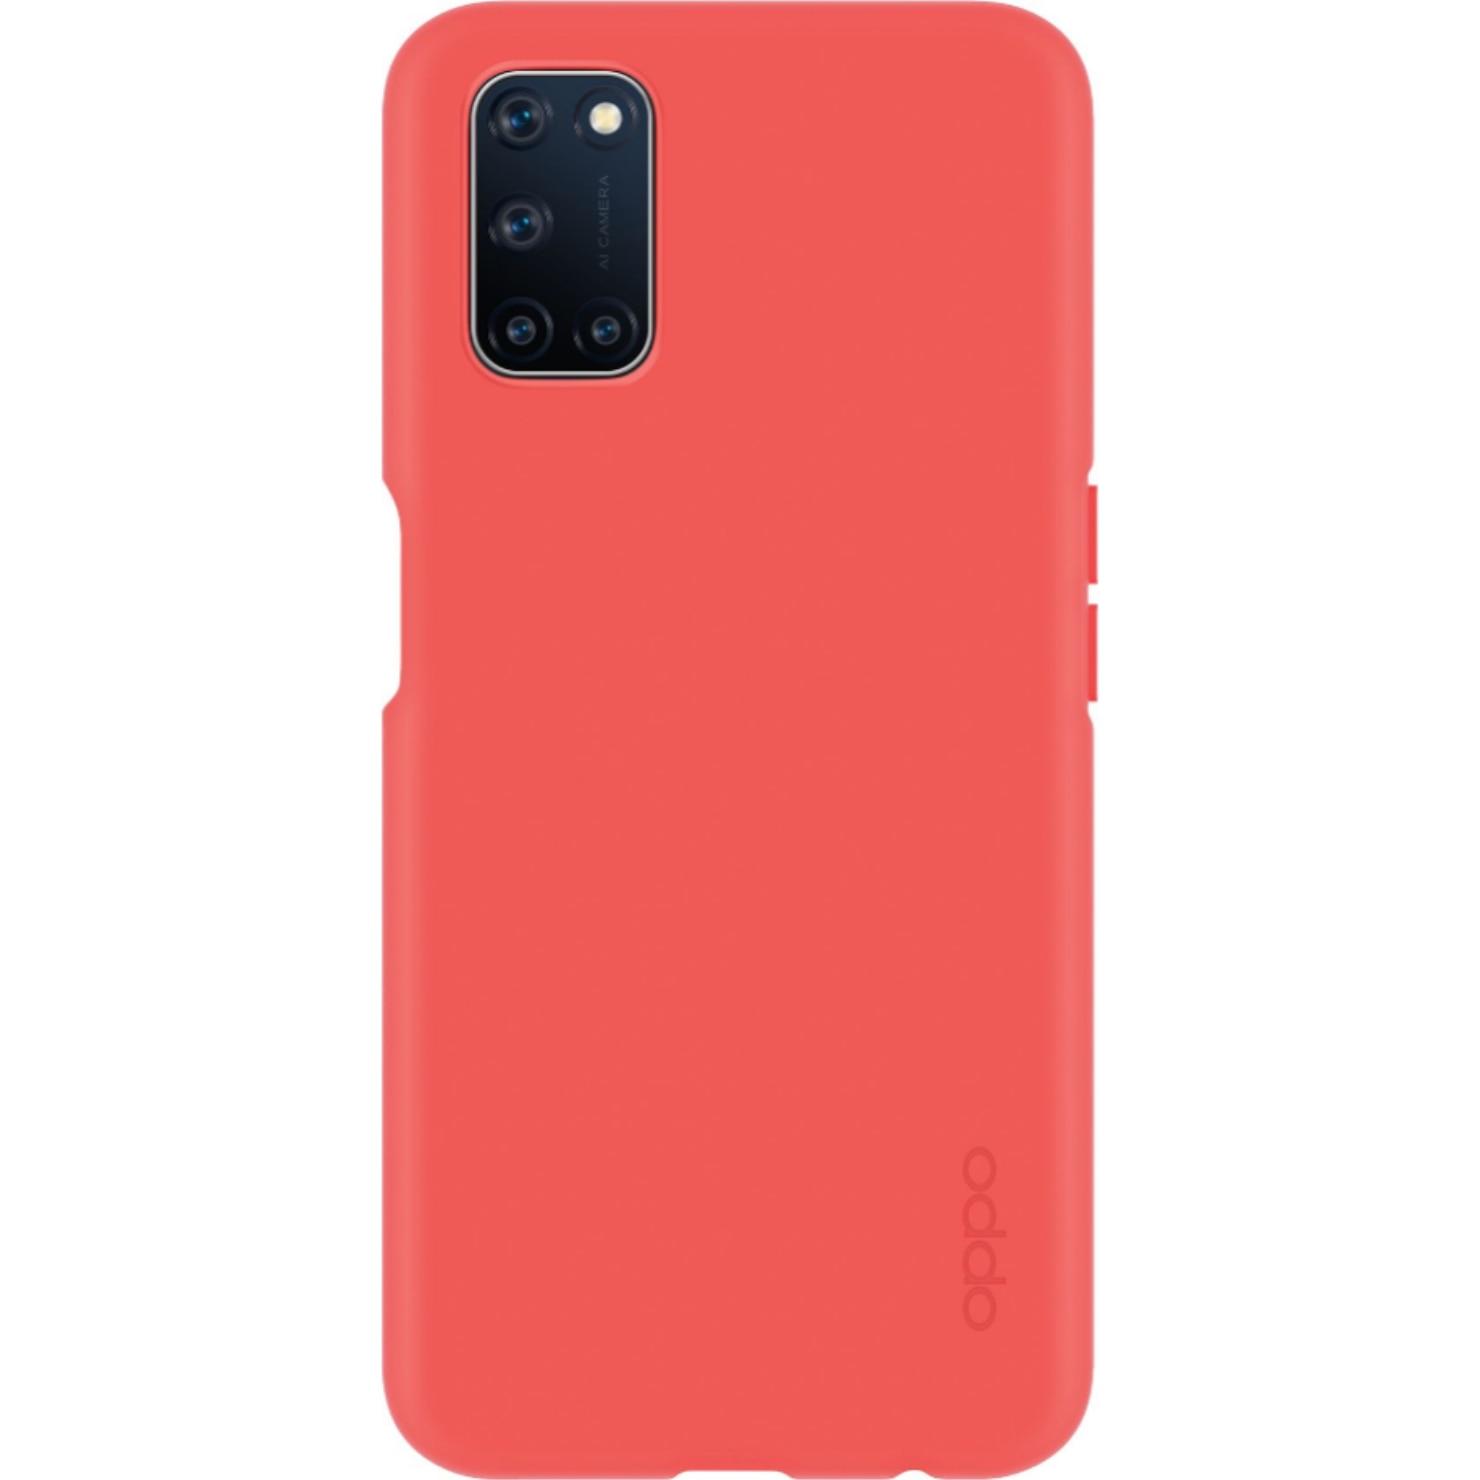 Fotografie Husa de protectie OPPO Silicone Cover pentru A72 / A52, Coral Red